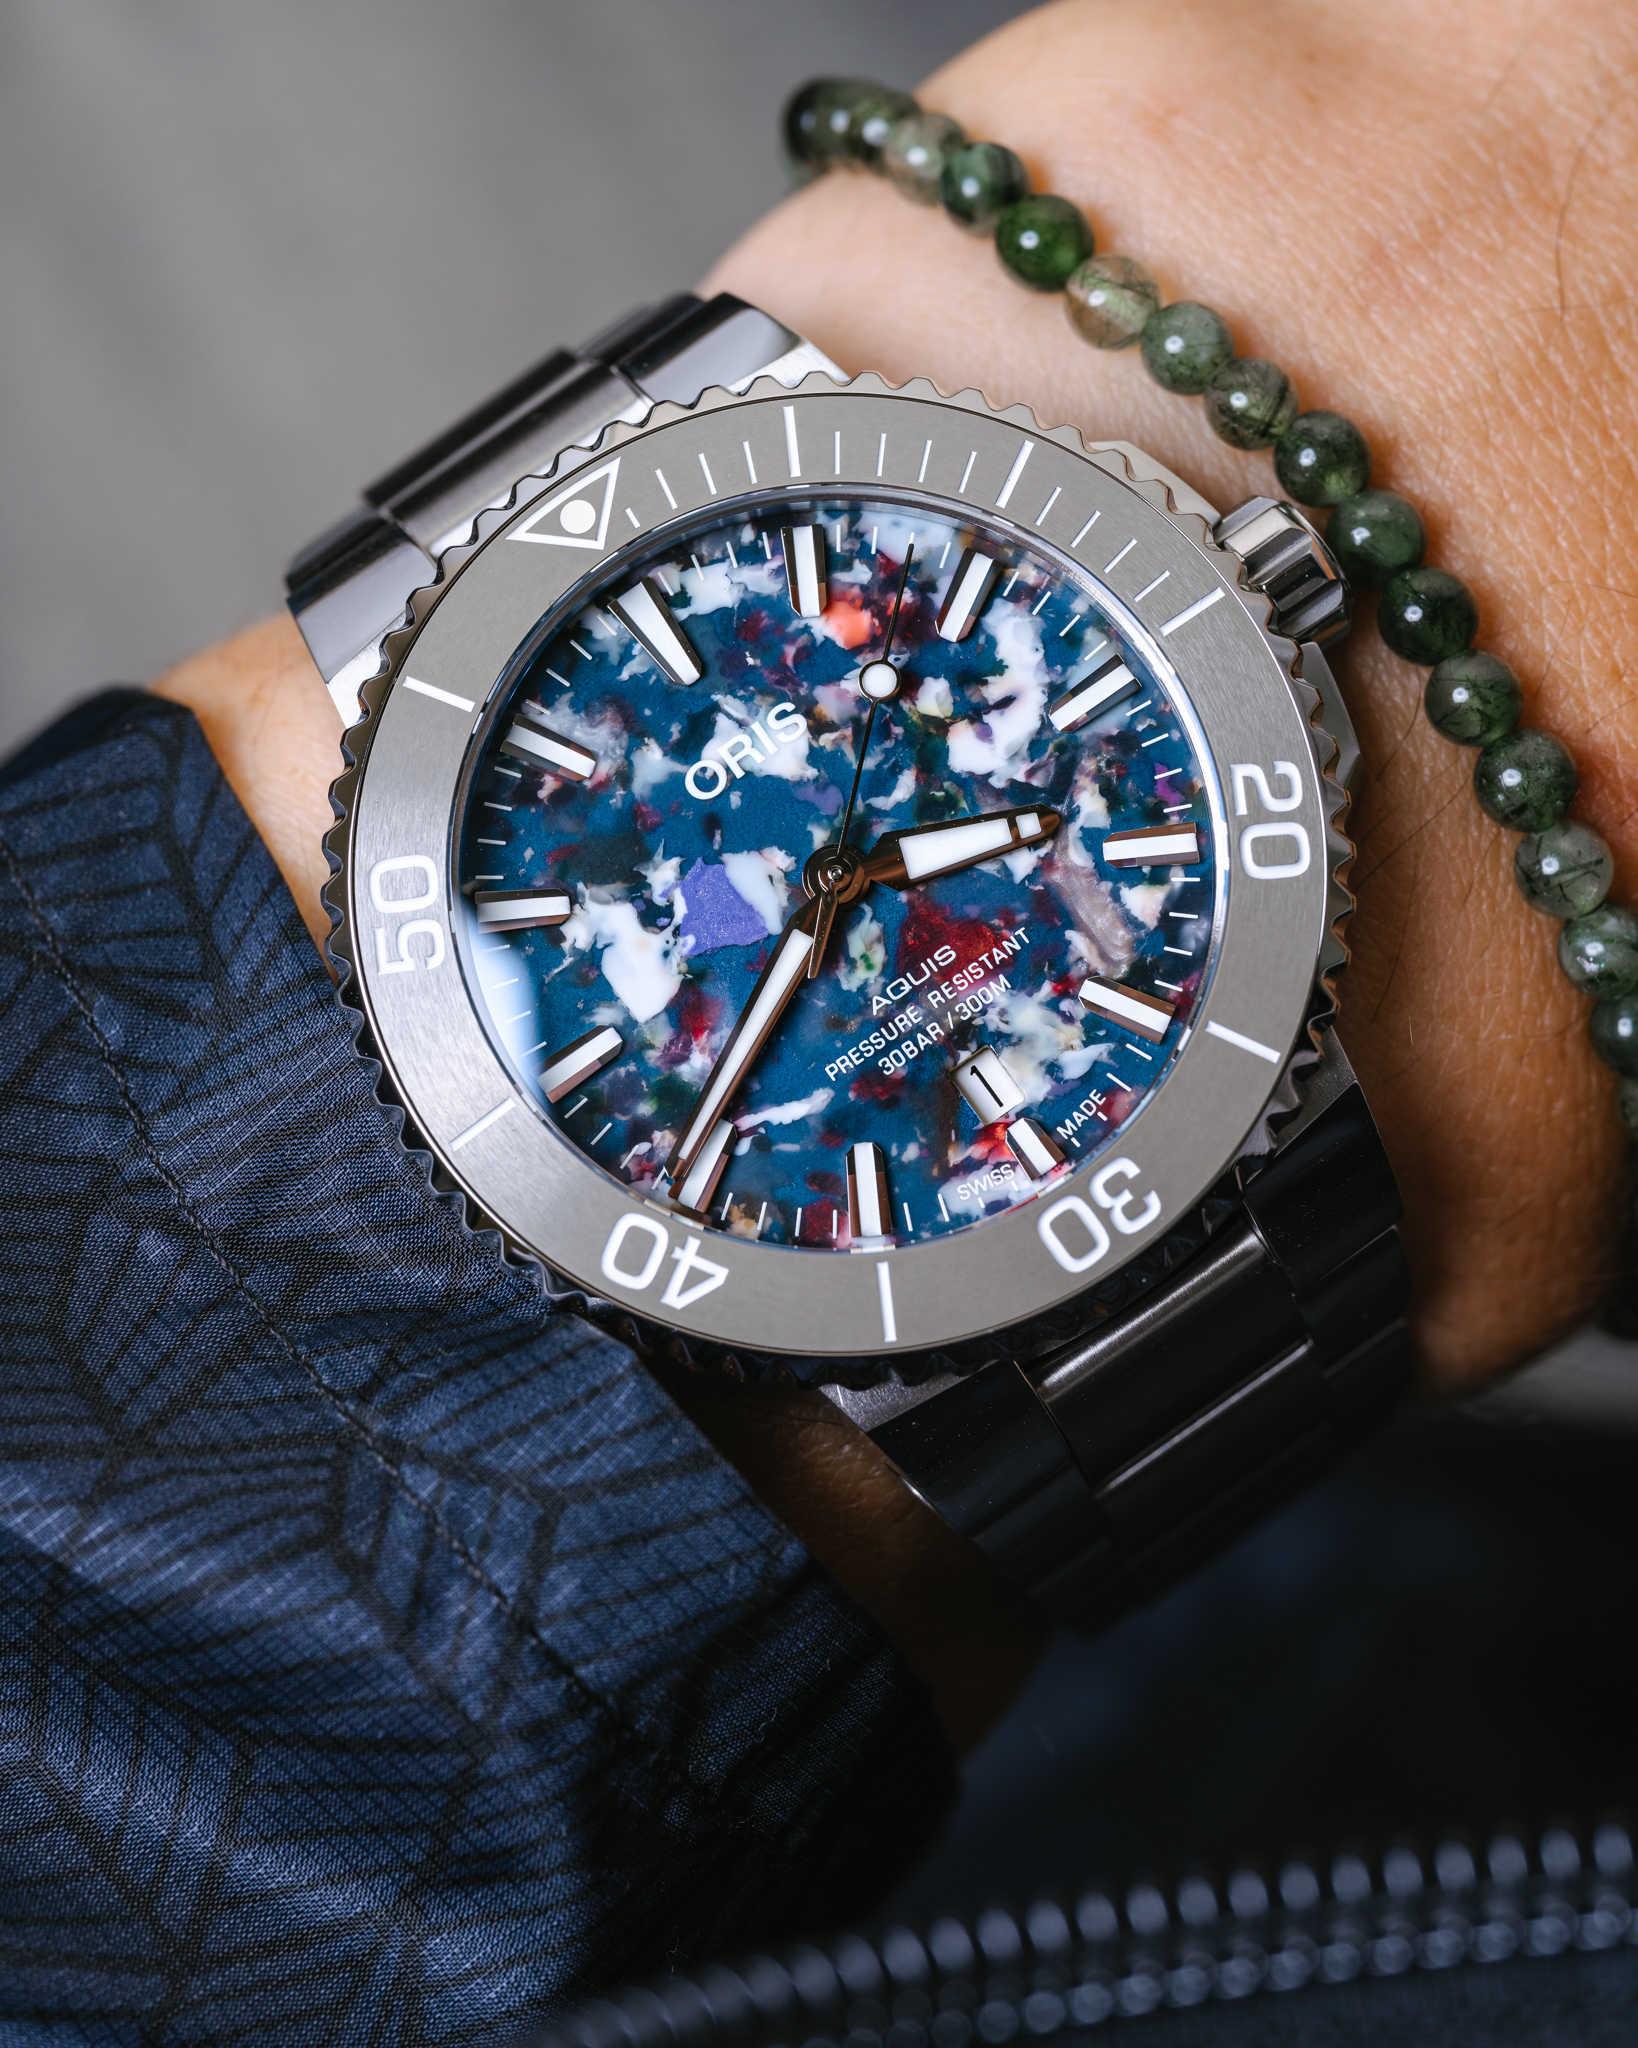 Oris выпускает часы Aquis Date Upcycle с циферблатами из переработанного океанического пластика